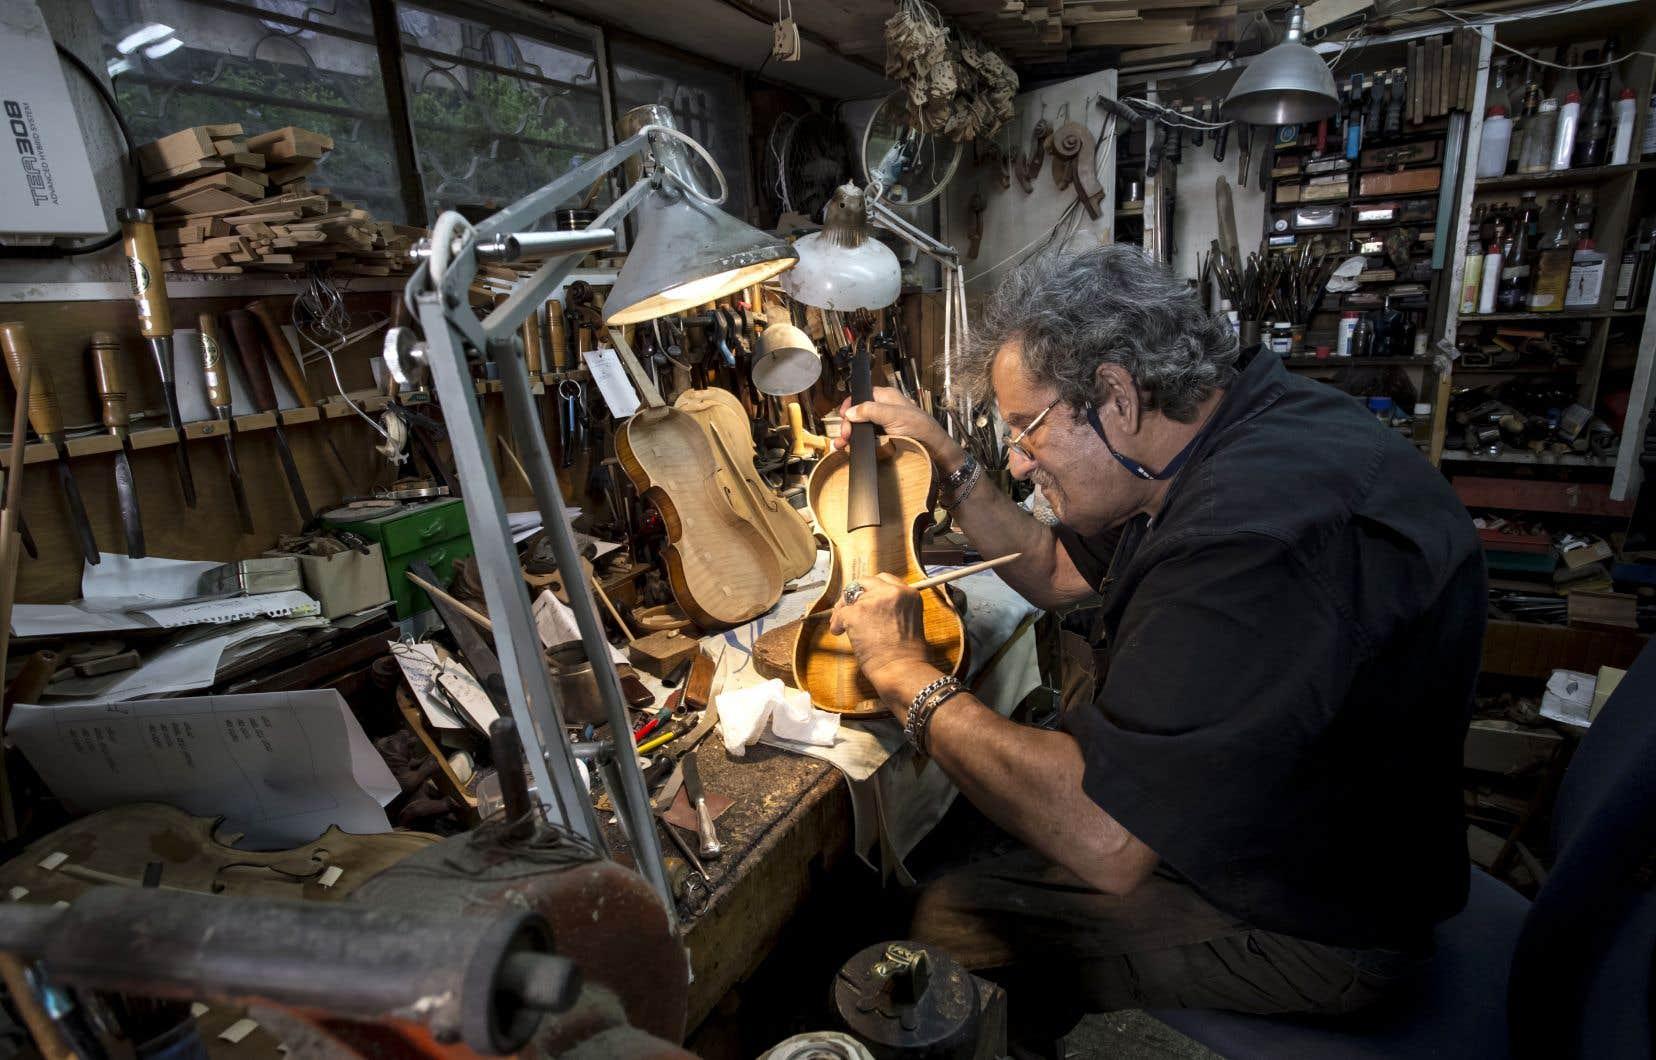 Certains des 70 instruments qui font aujourd'hui partie des Violons de l'Espoir ont nécessité jusqu'à un an et demi de restauration, selon le luthier Amnon Weinstein.